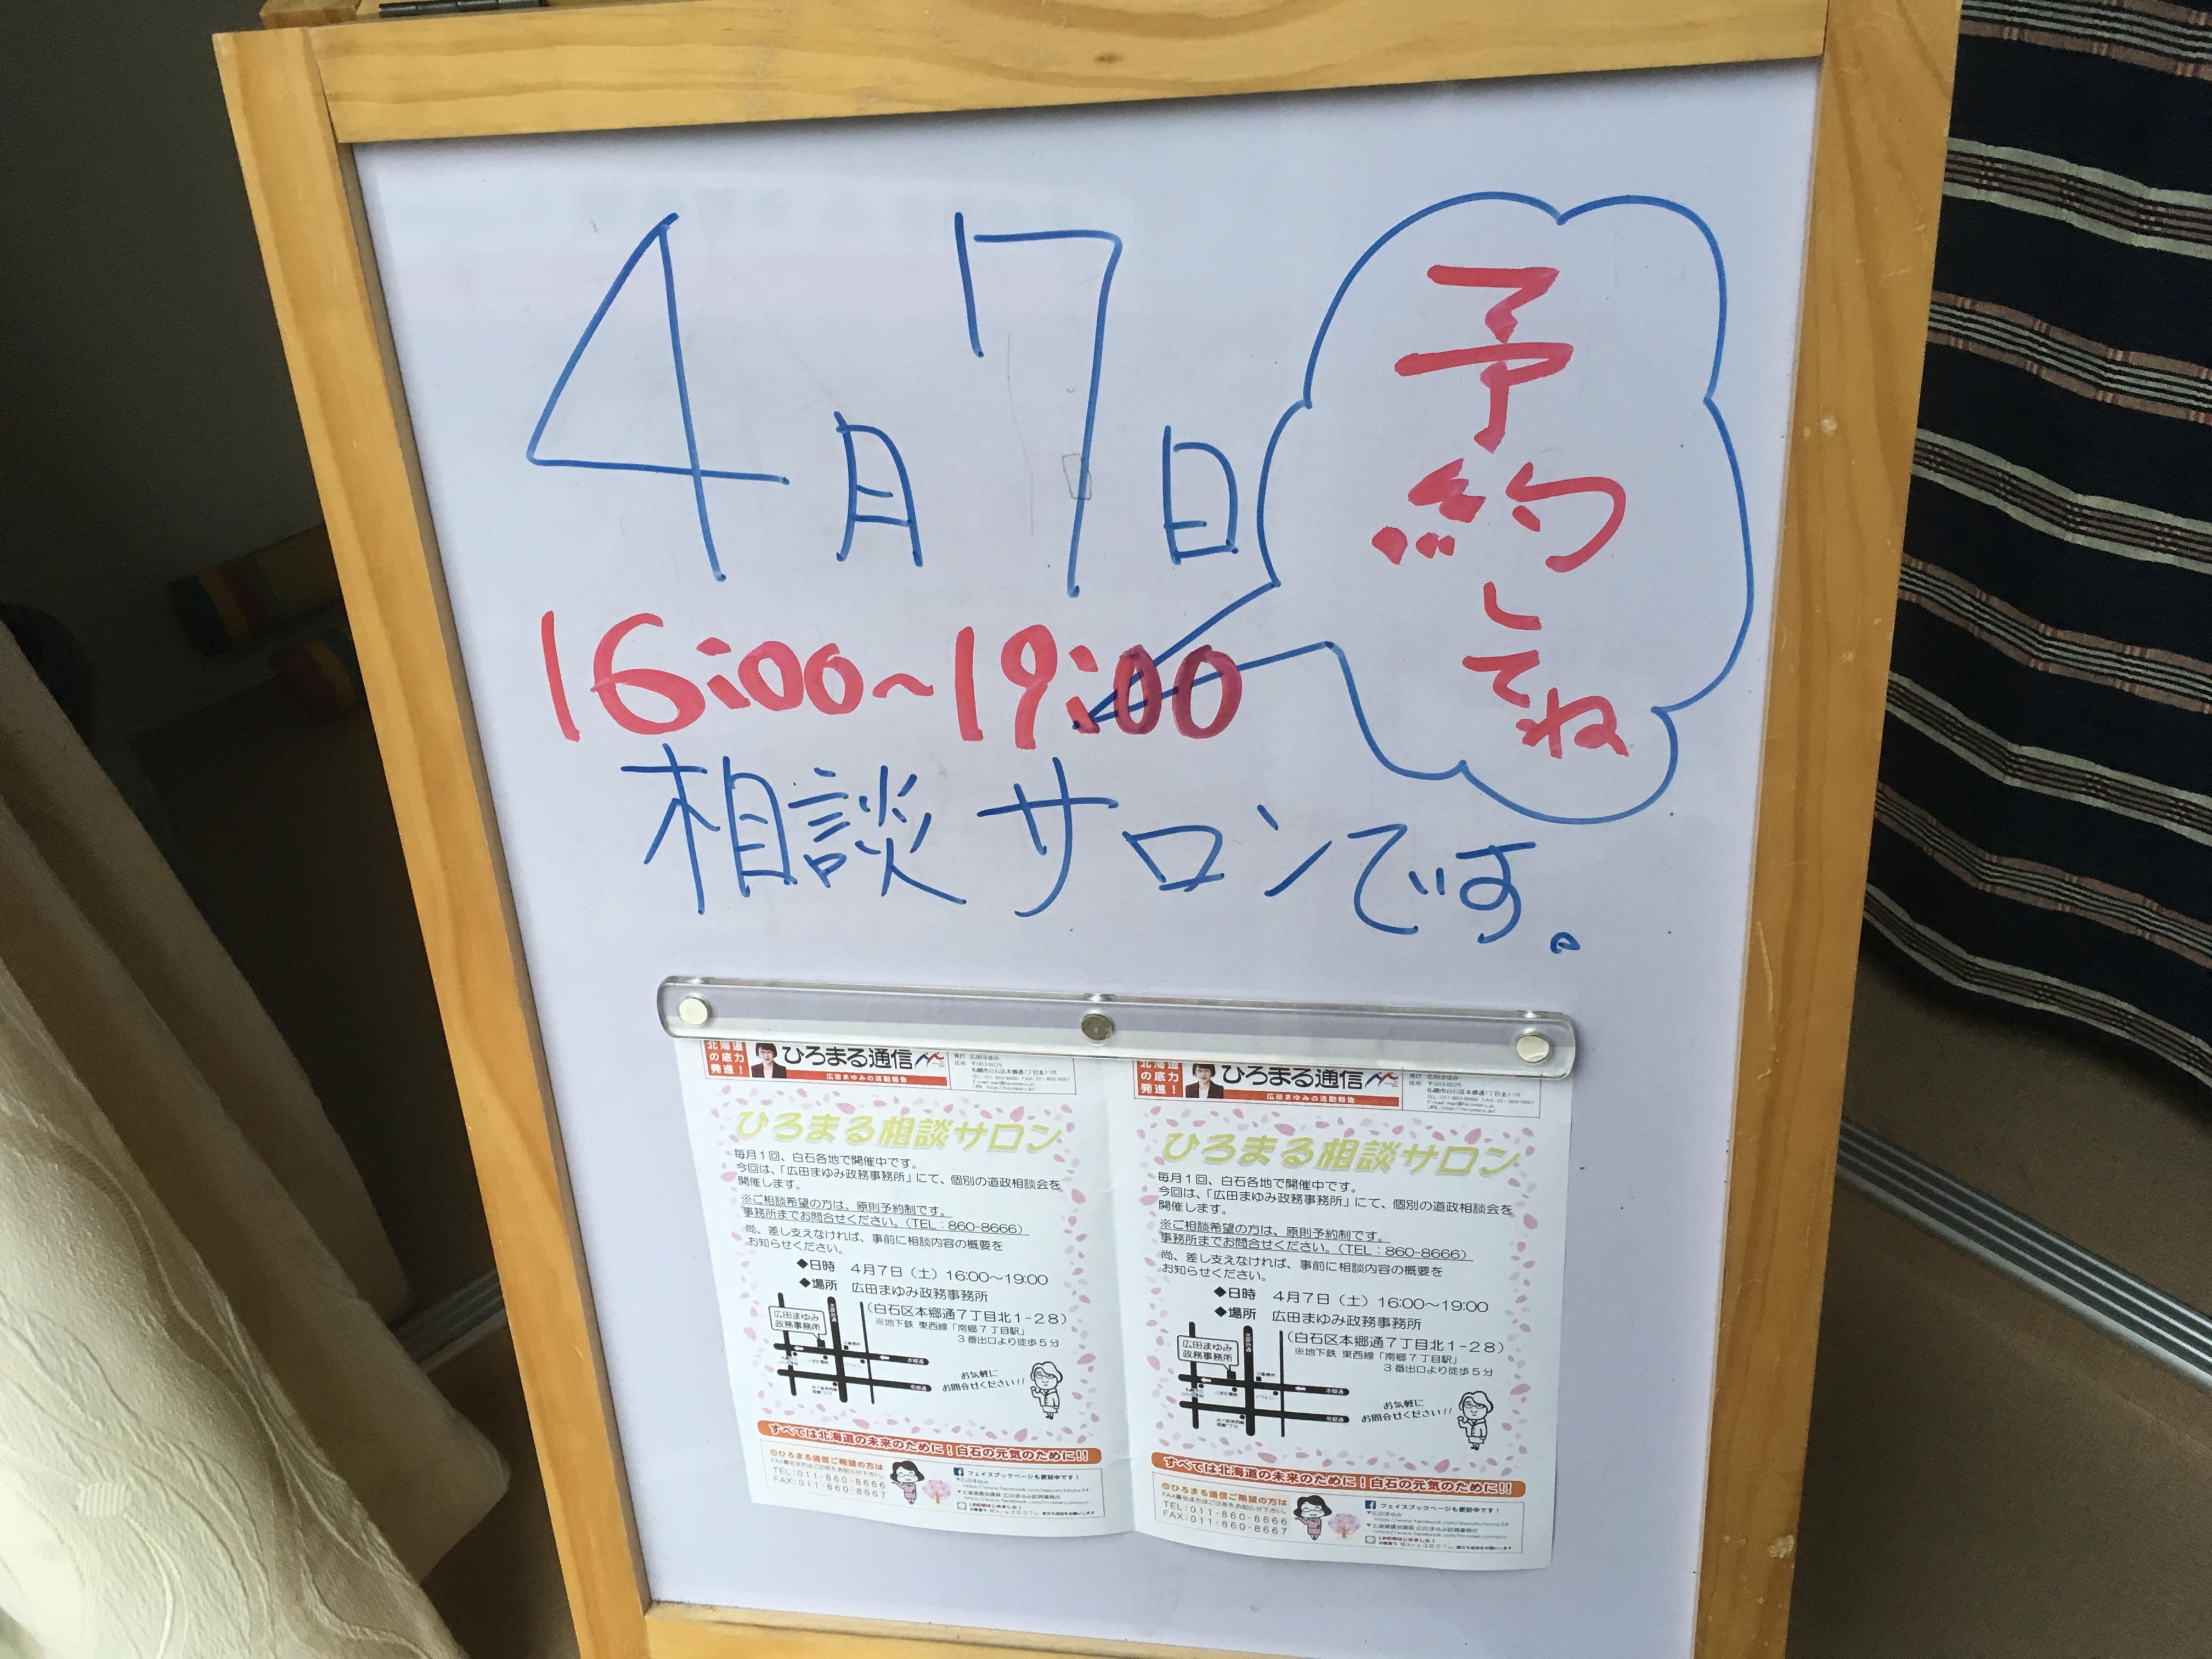 【ひろまる日記】4月18日の活動日誌~事務所会議とヨガレッスン